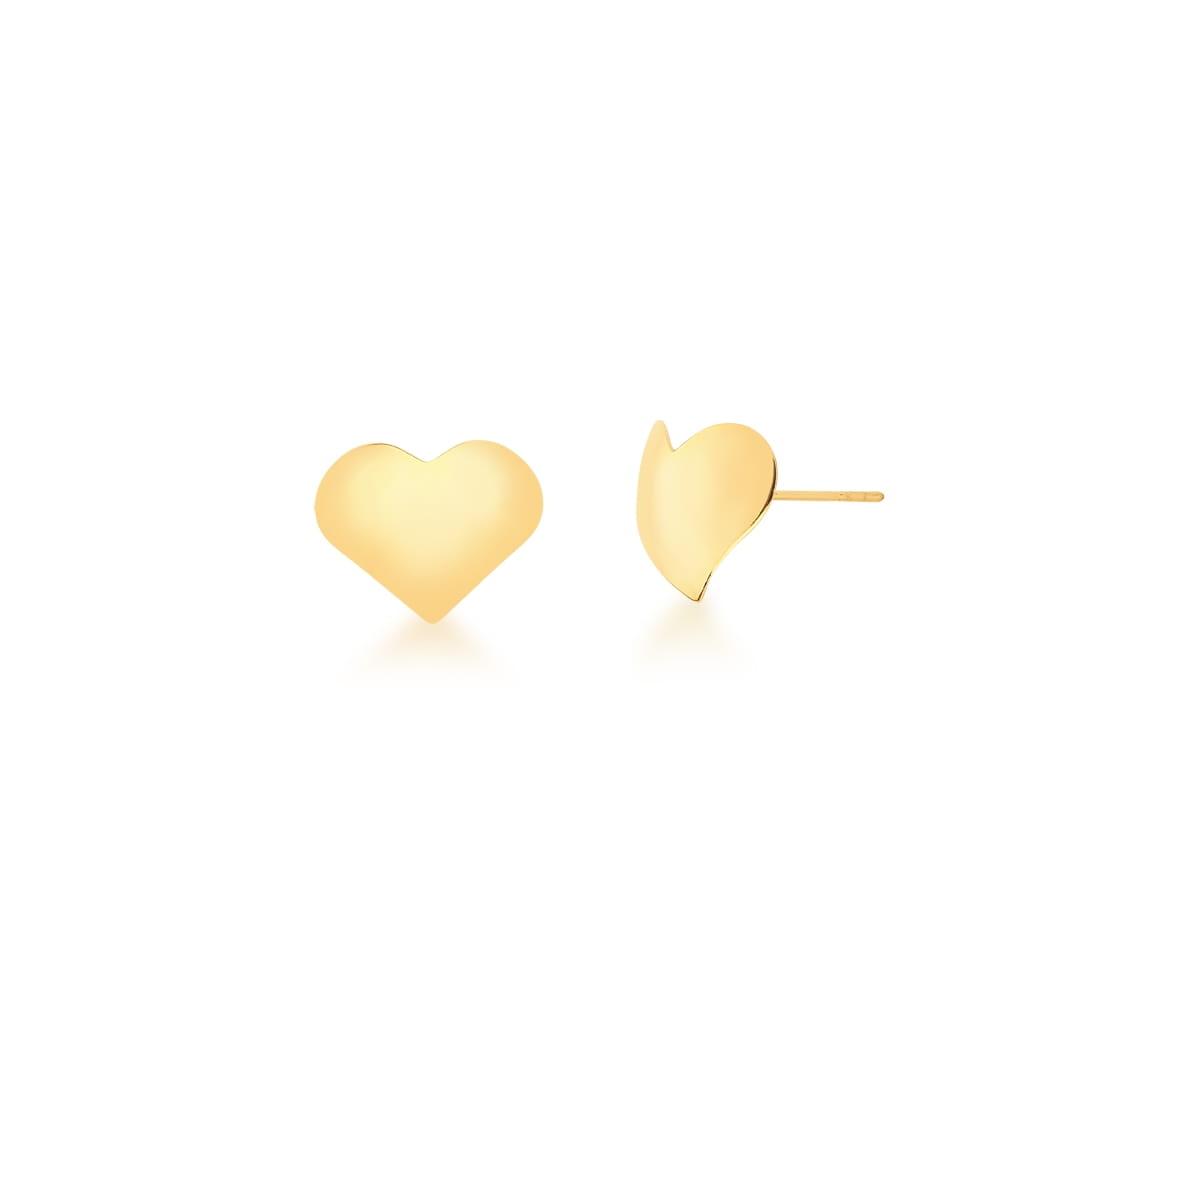 Brinco formato coração banhado a ouro